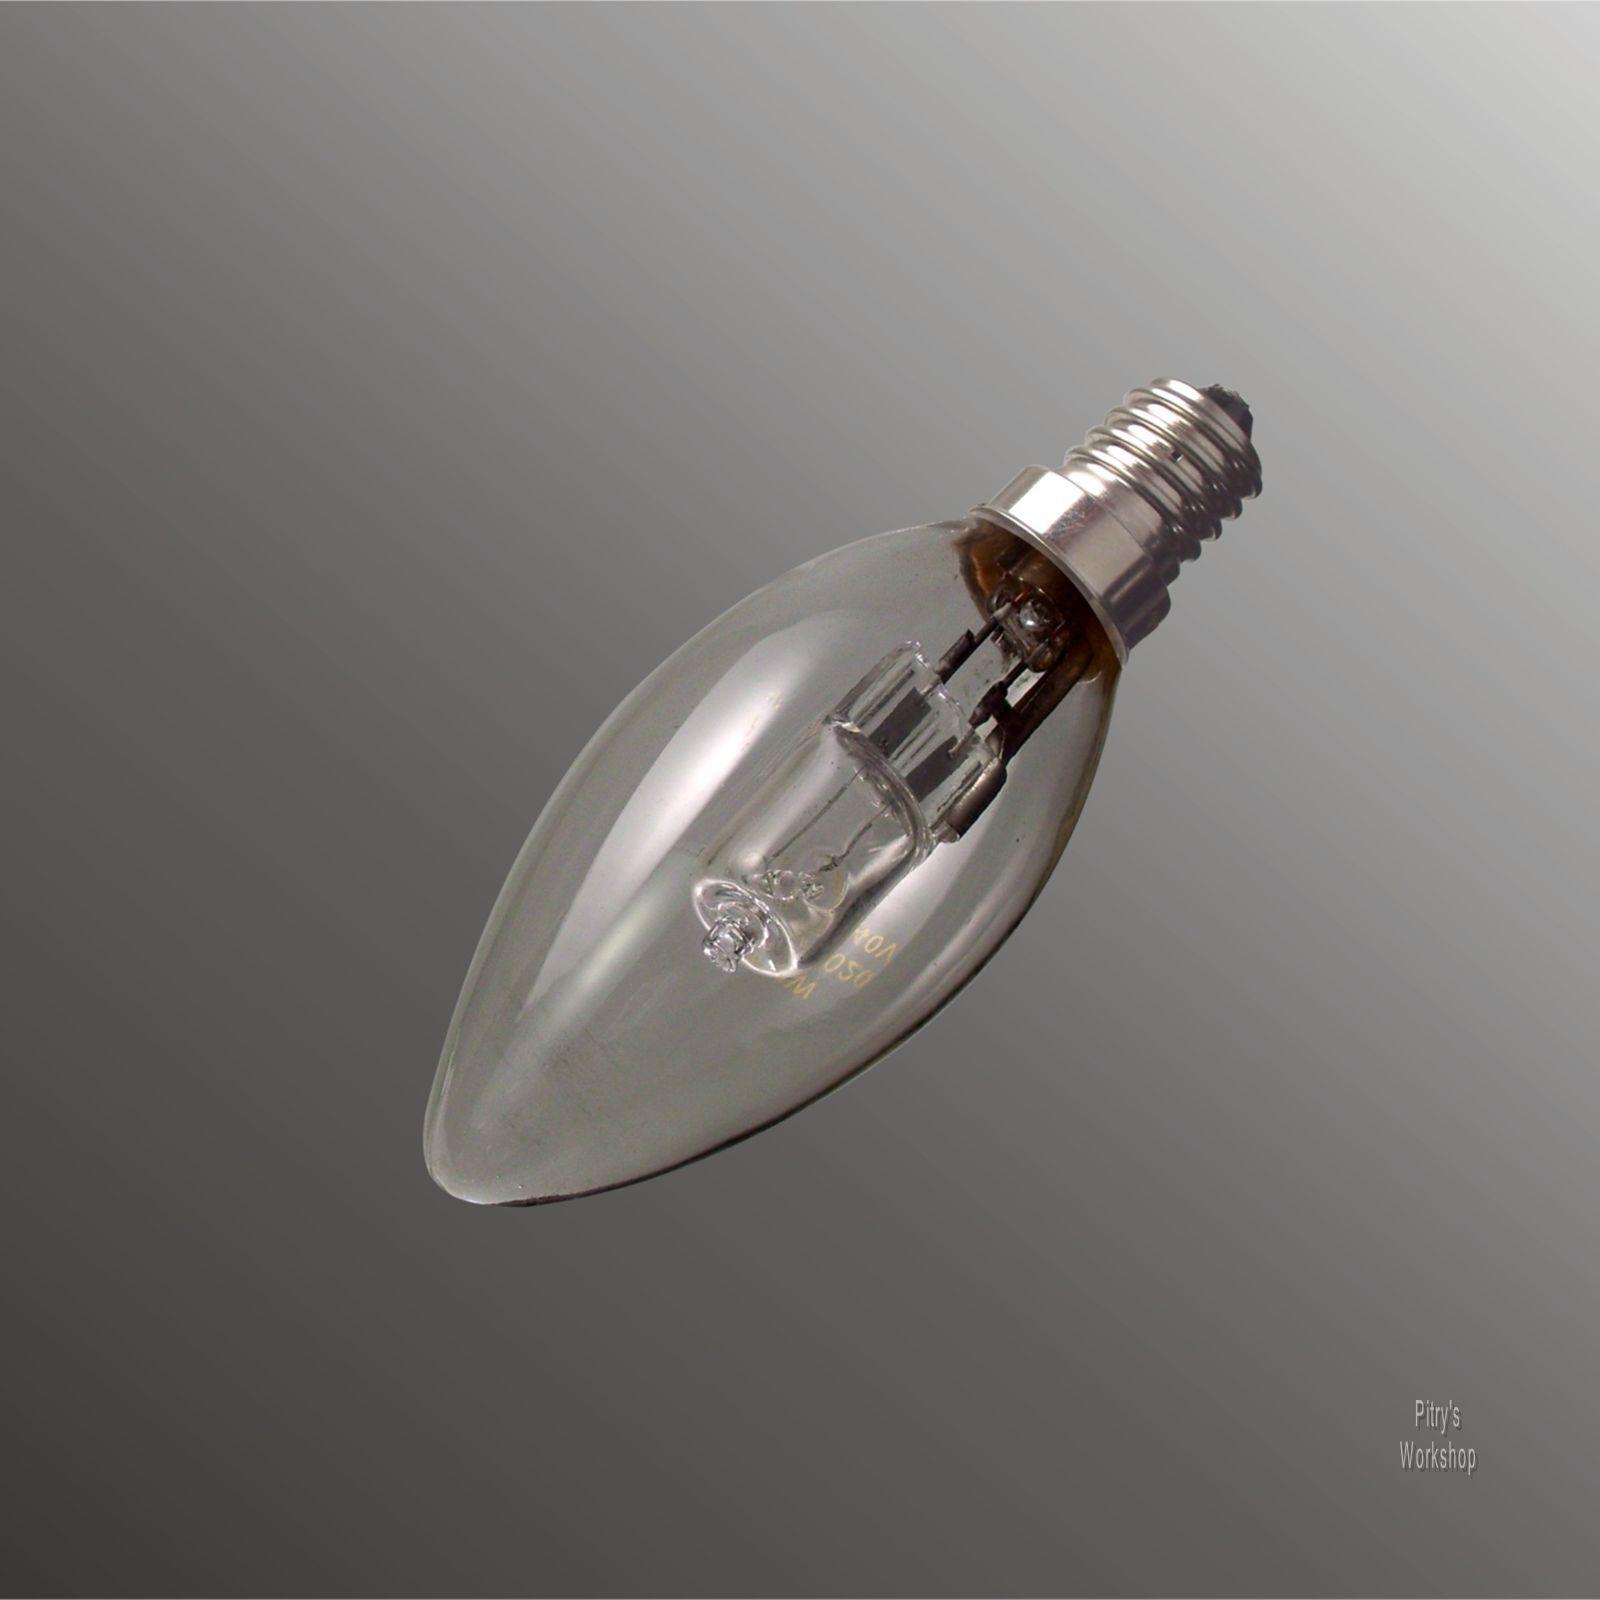 100 x Halogen-Lampe Kerze E14 18W 28W 42W für 25W 40W 60W klar